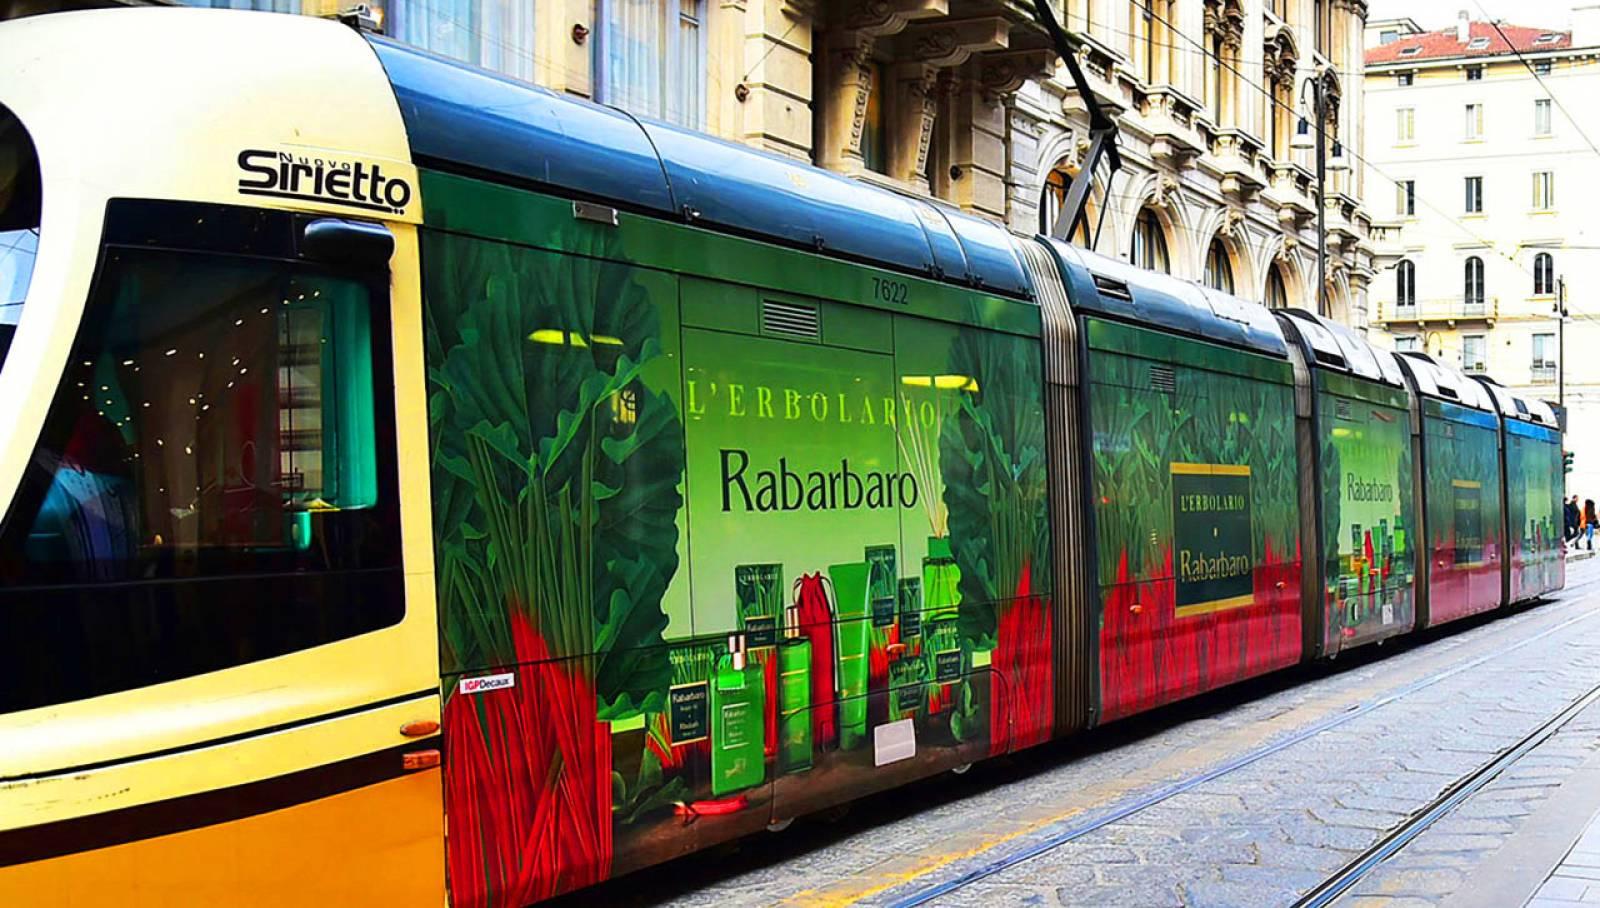 IGPDecaux Milano tram decorato per L'Erbolario